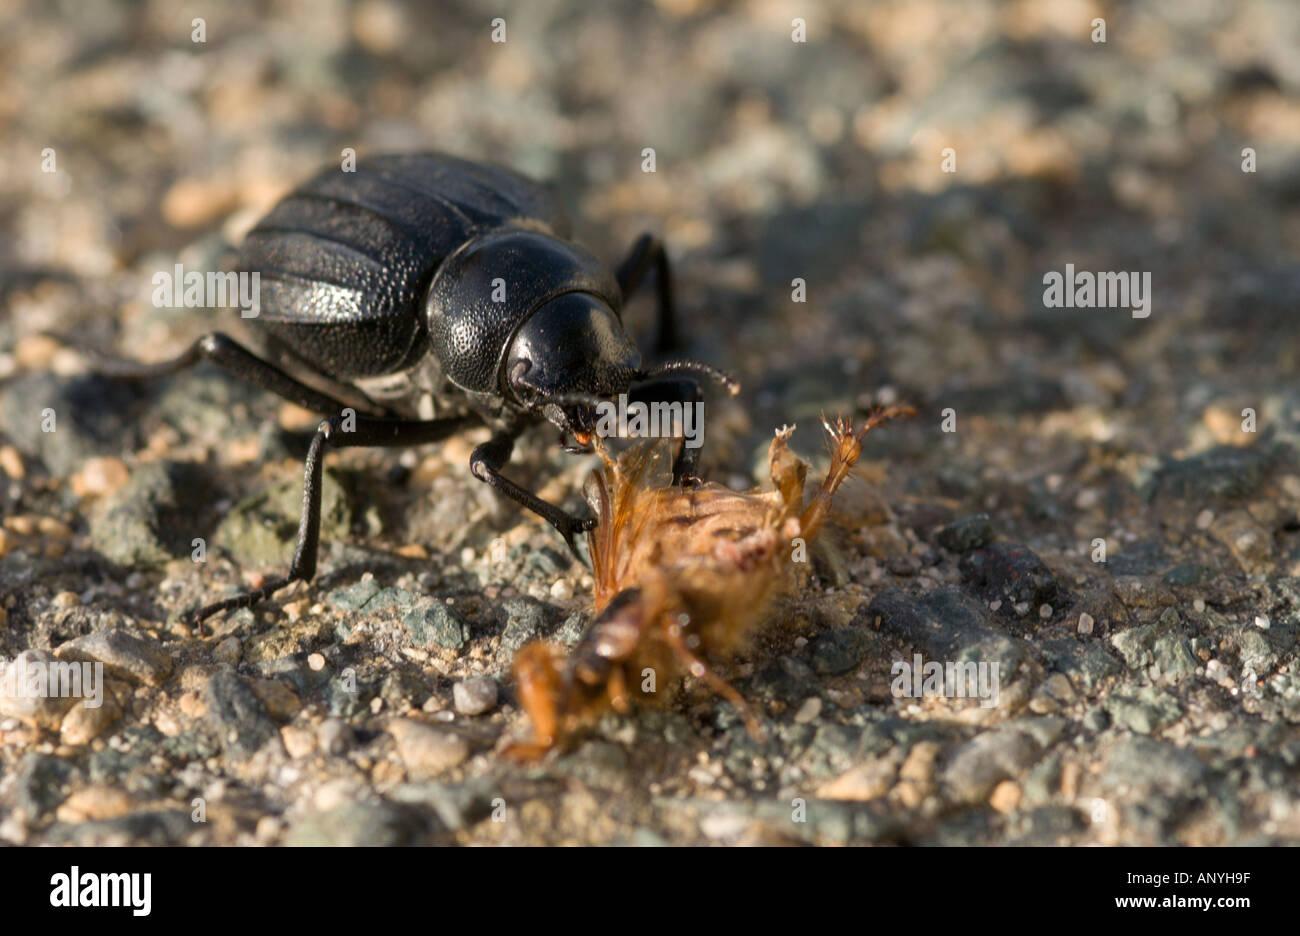 schwarzer boden k fer aus laufk fer familie ern hren sich von anderen insekten aas do ana np. Black Bedroom Furniture Sets. Home Design Ideas